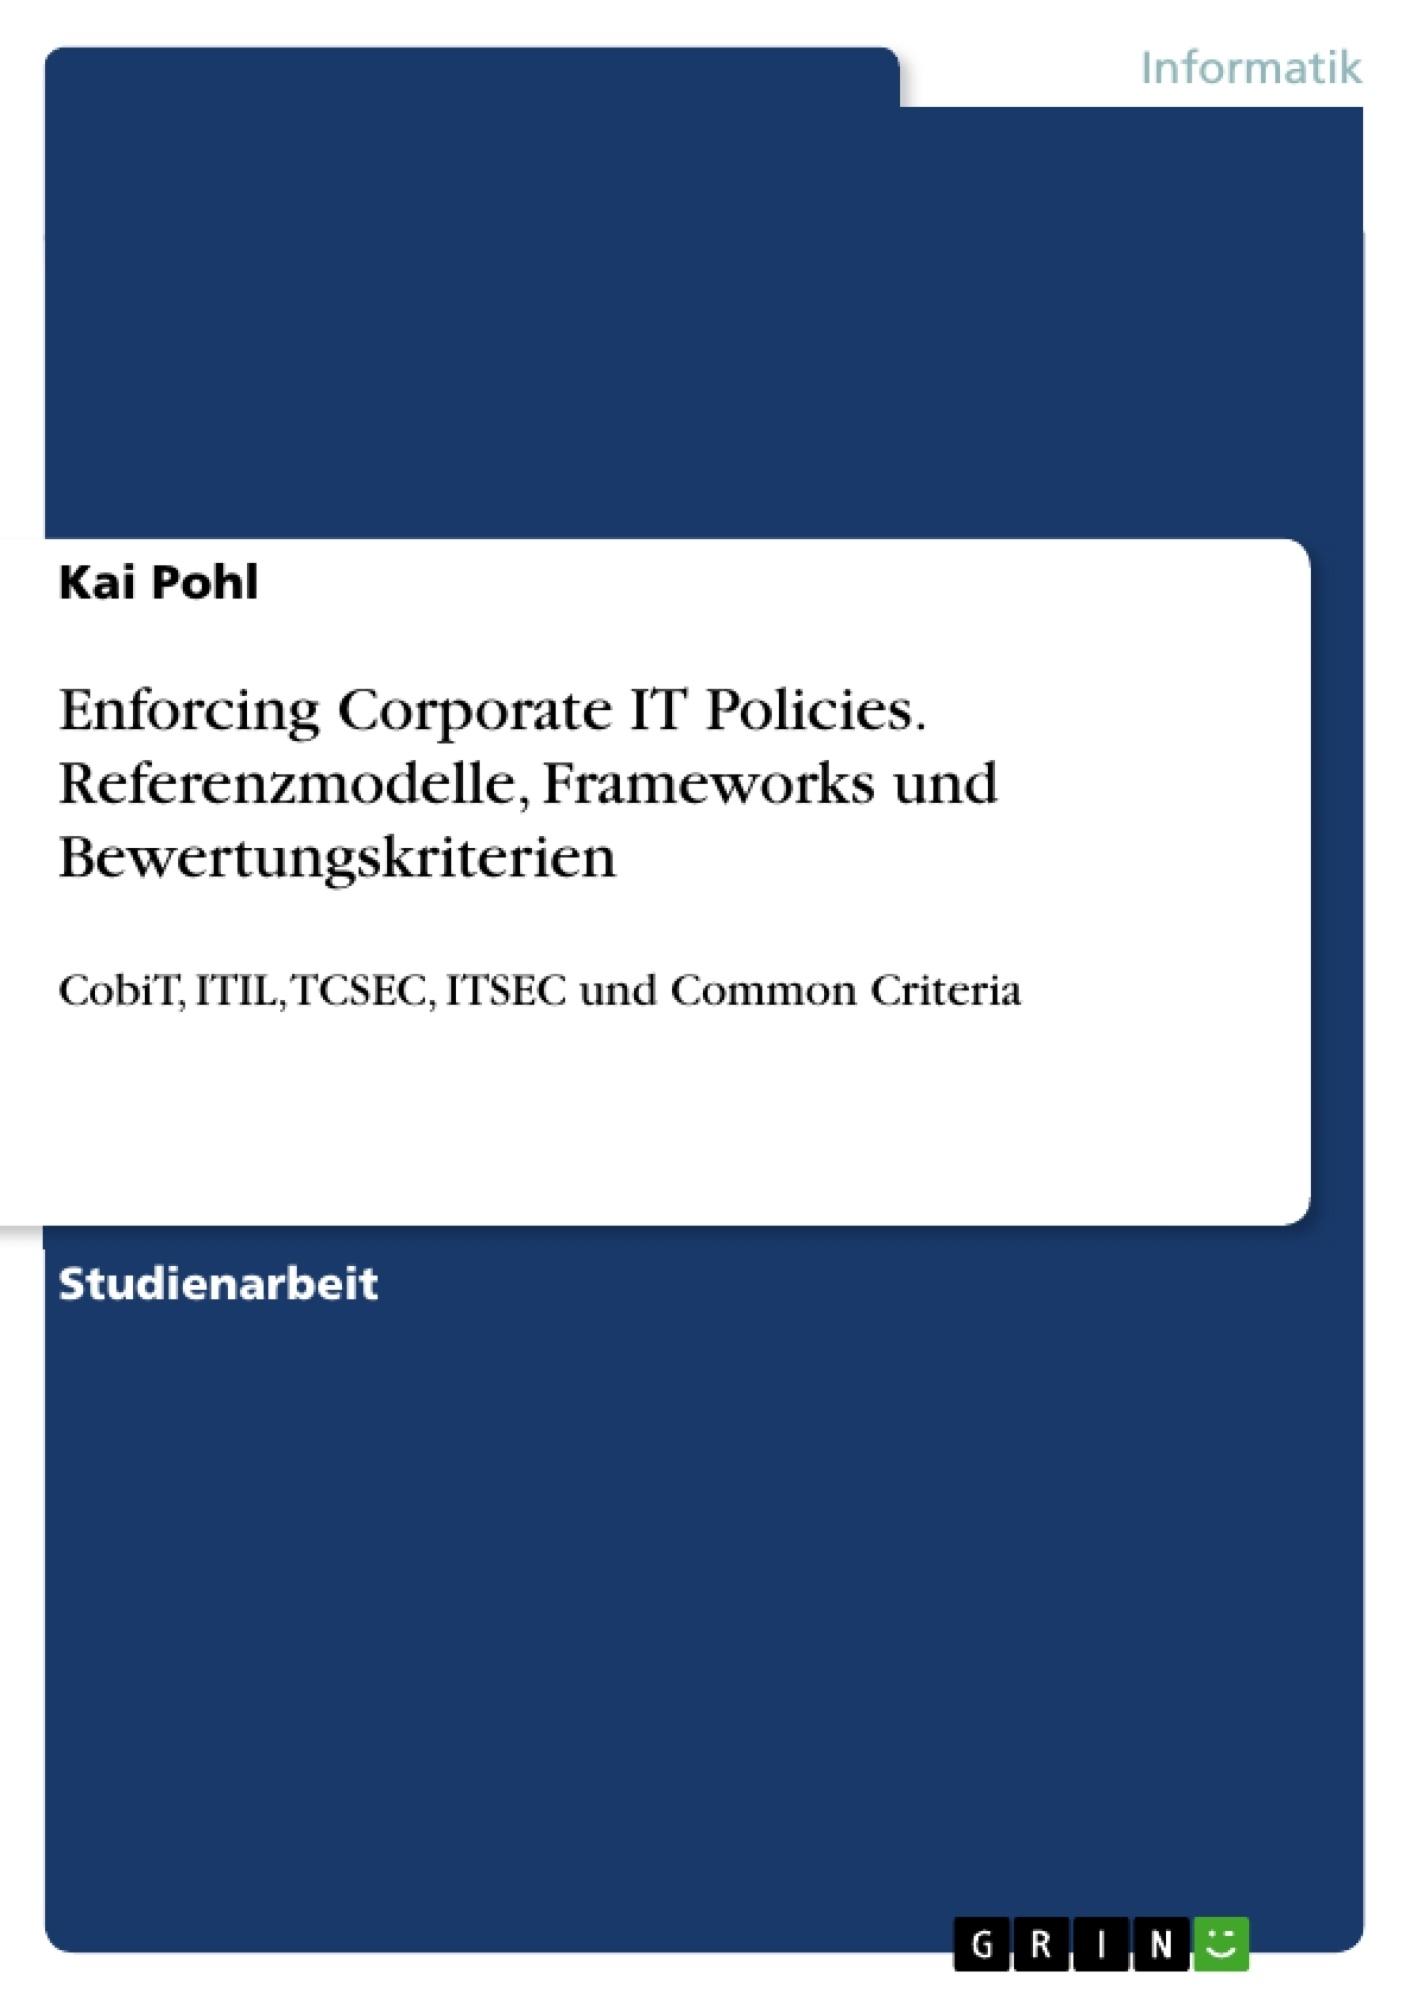 Titel: Enforcing Corporate IT Policies. Referenzmodelle, Frameworks und Bewertungskriterien